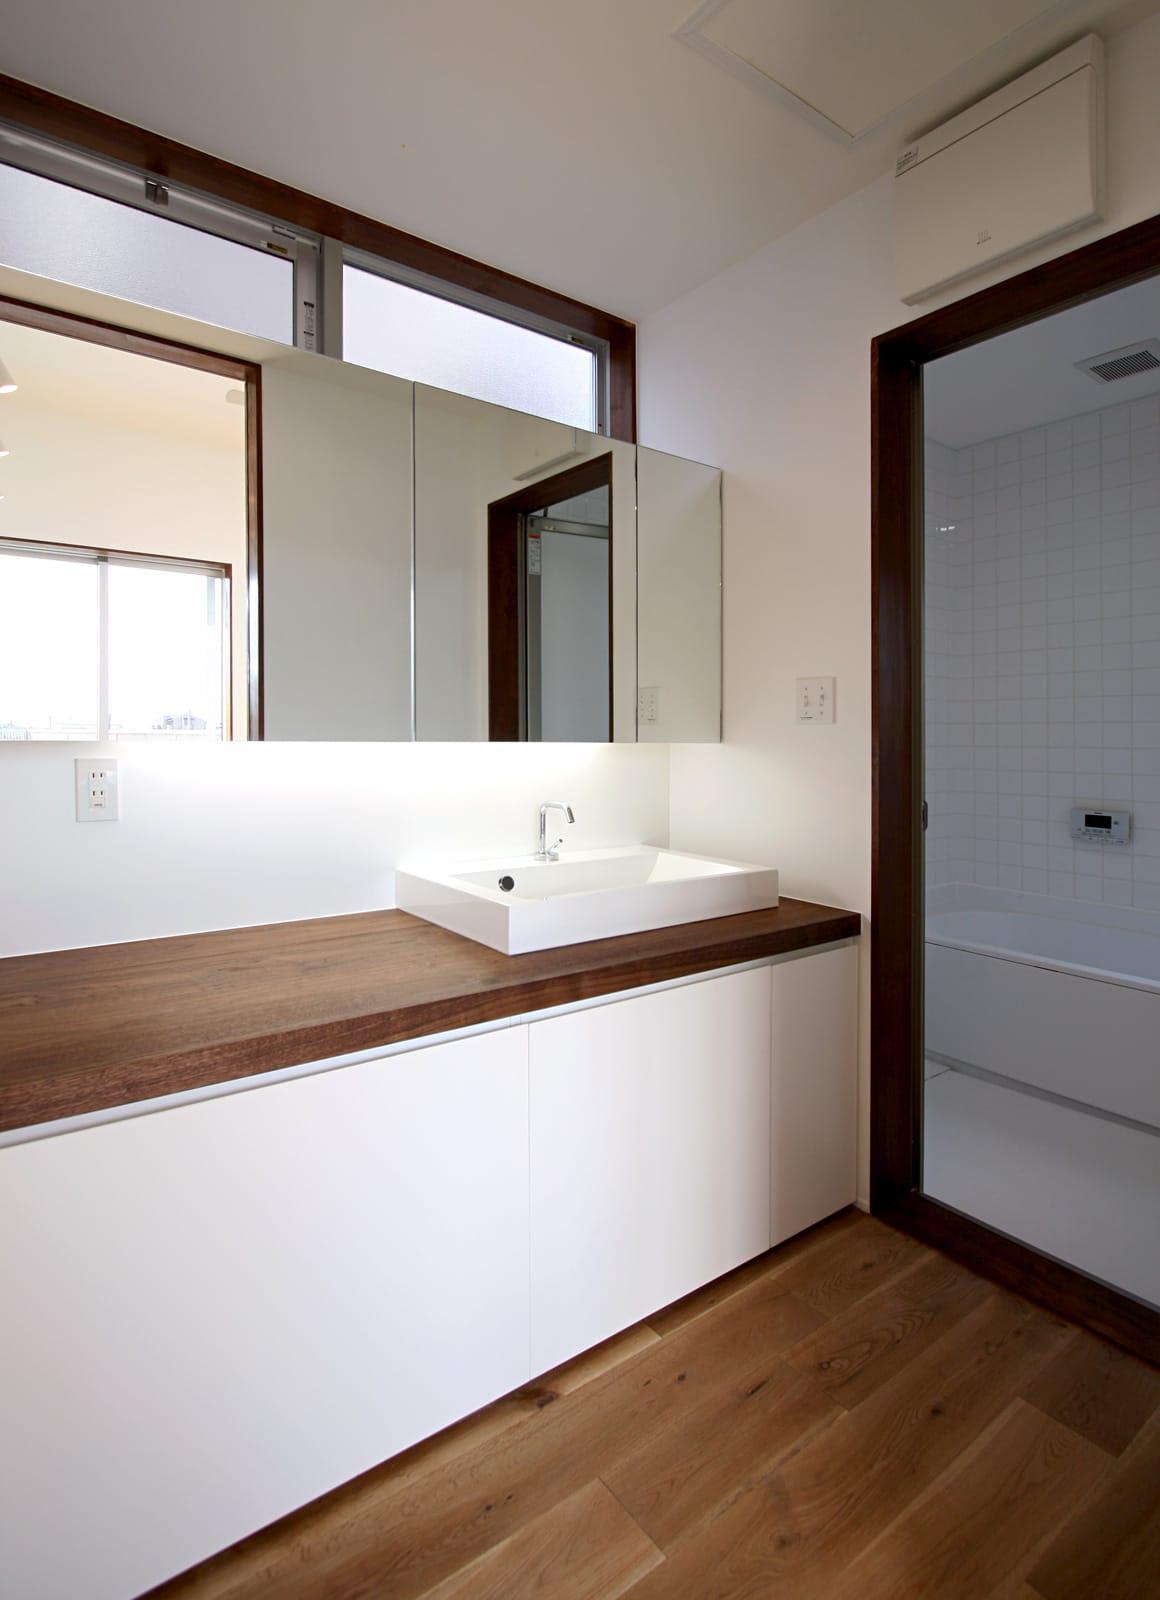 大きな窓から青空の見える家の浴室・洗面室1